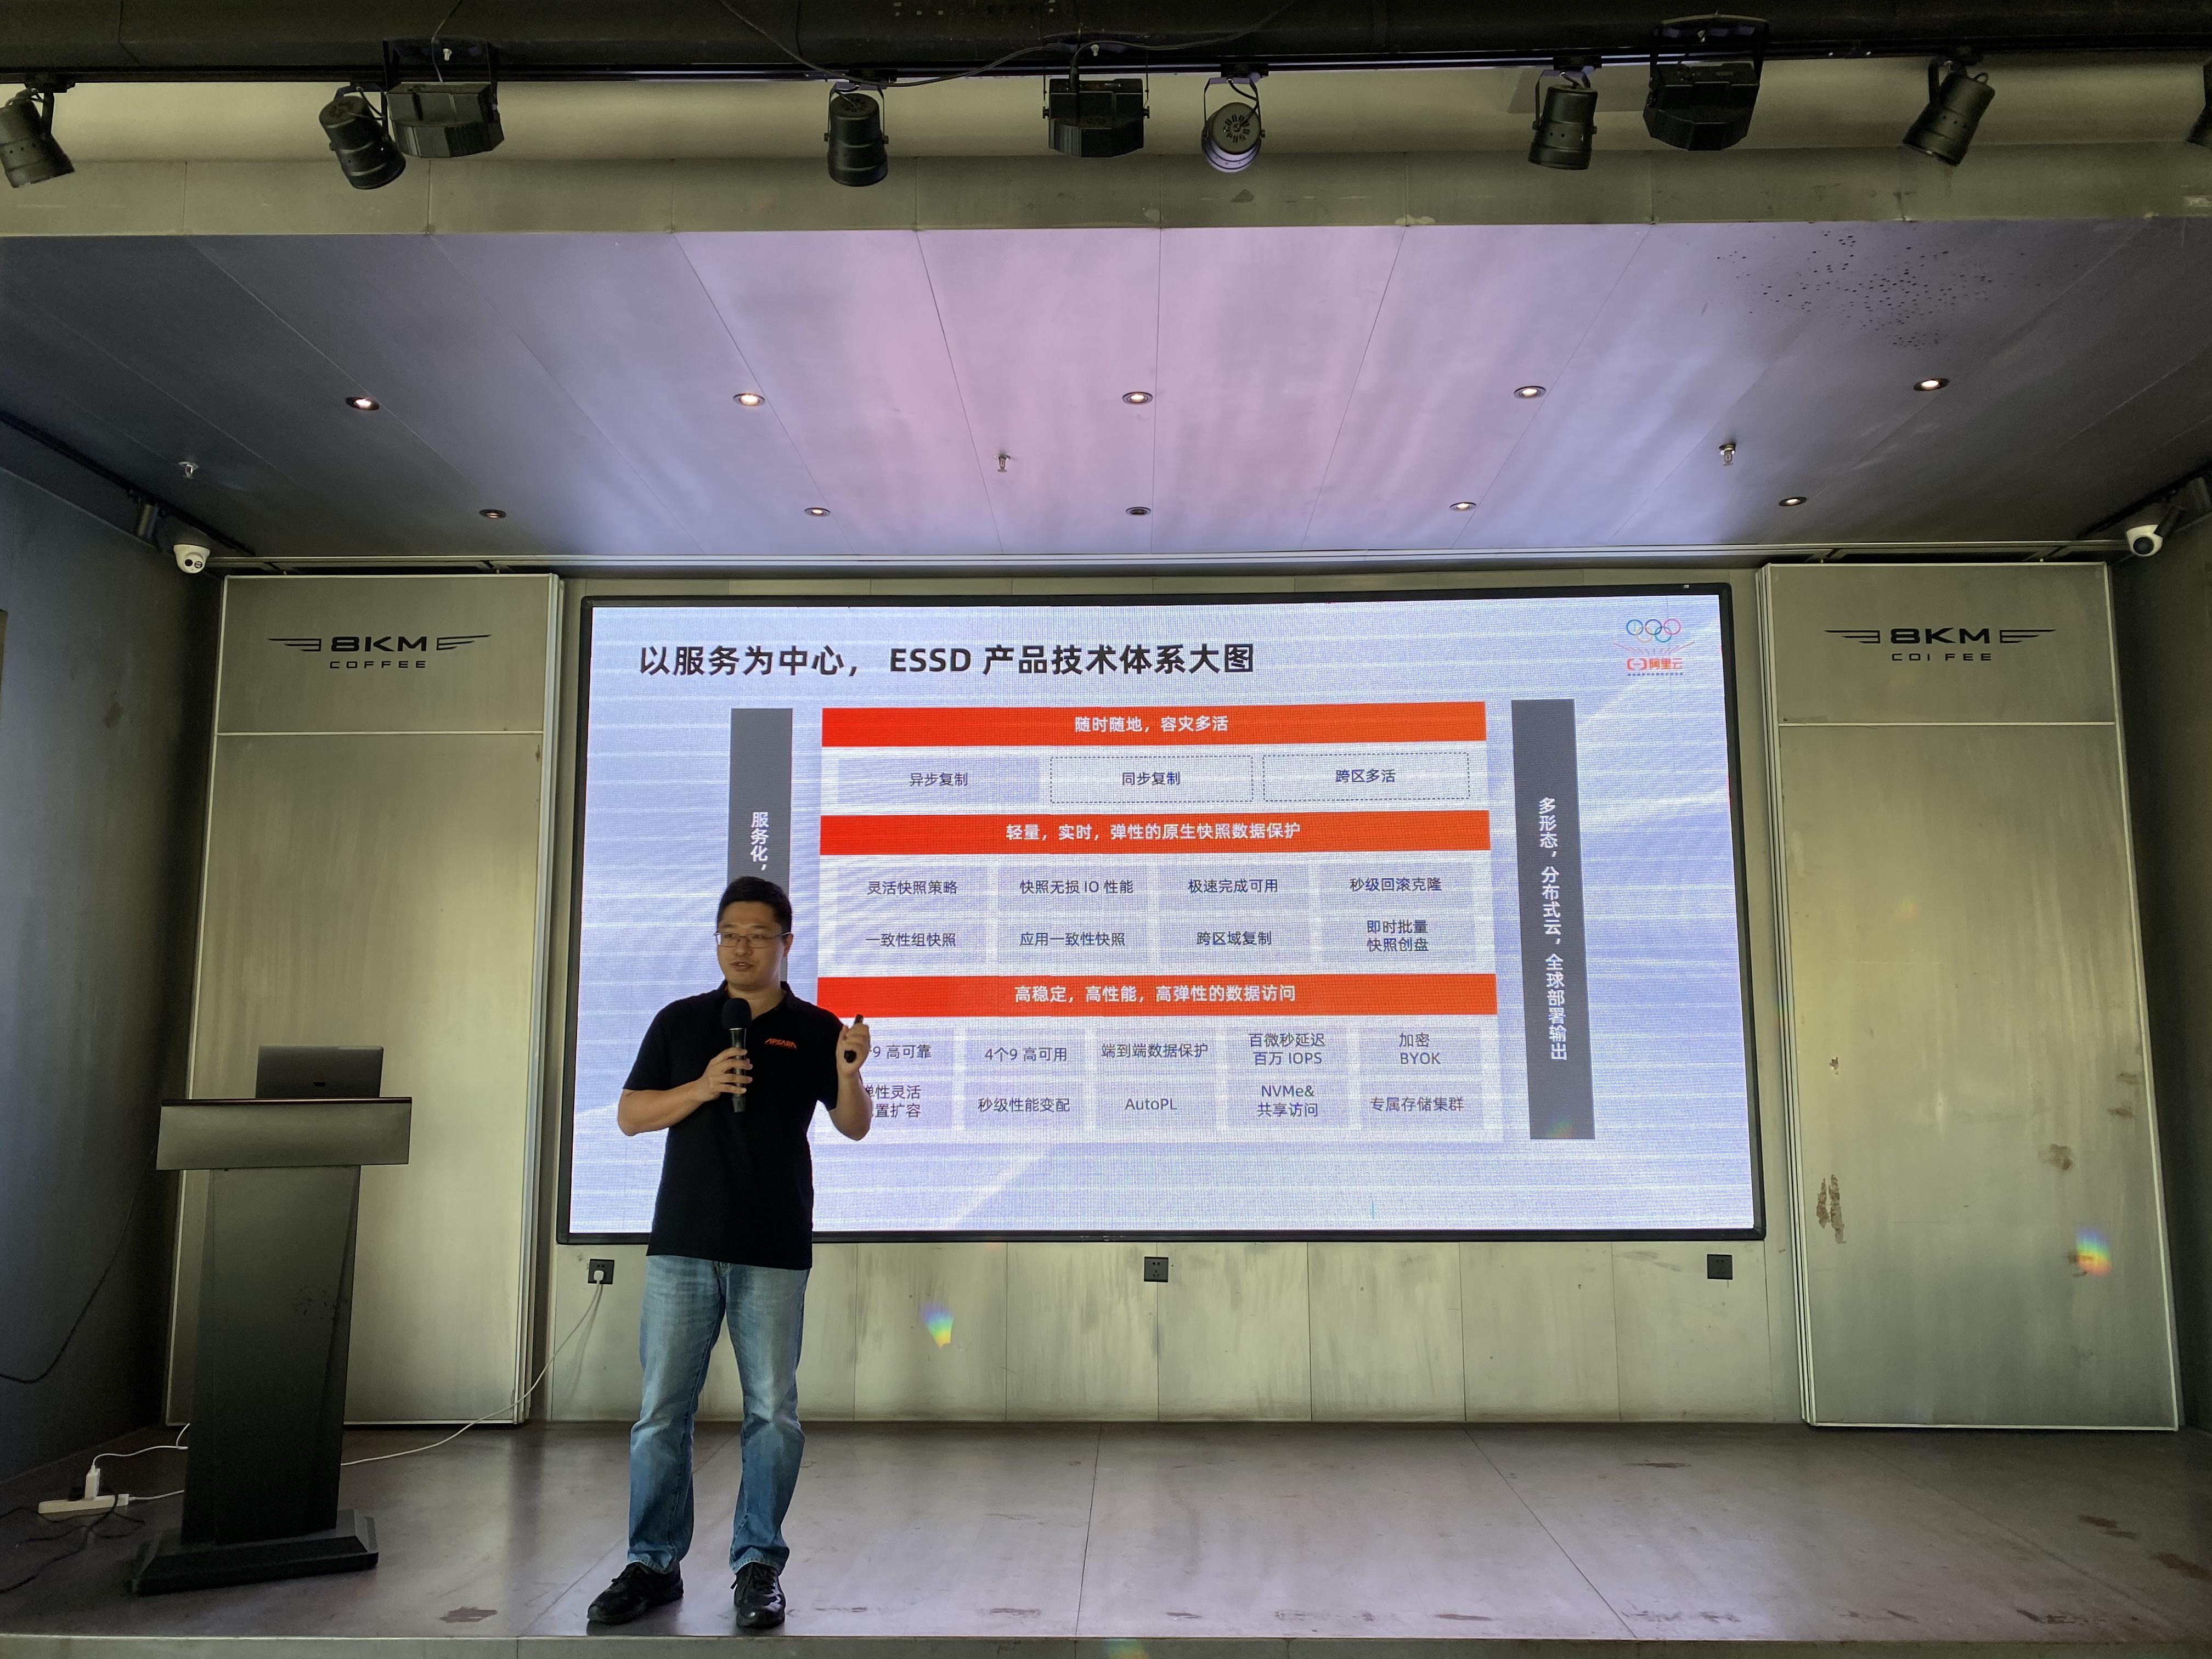 性能提升3倍、时延降低70%,阿里云企业级存储ESSD云盘再升级!